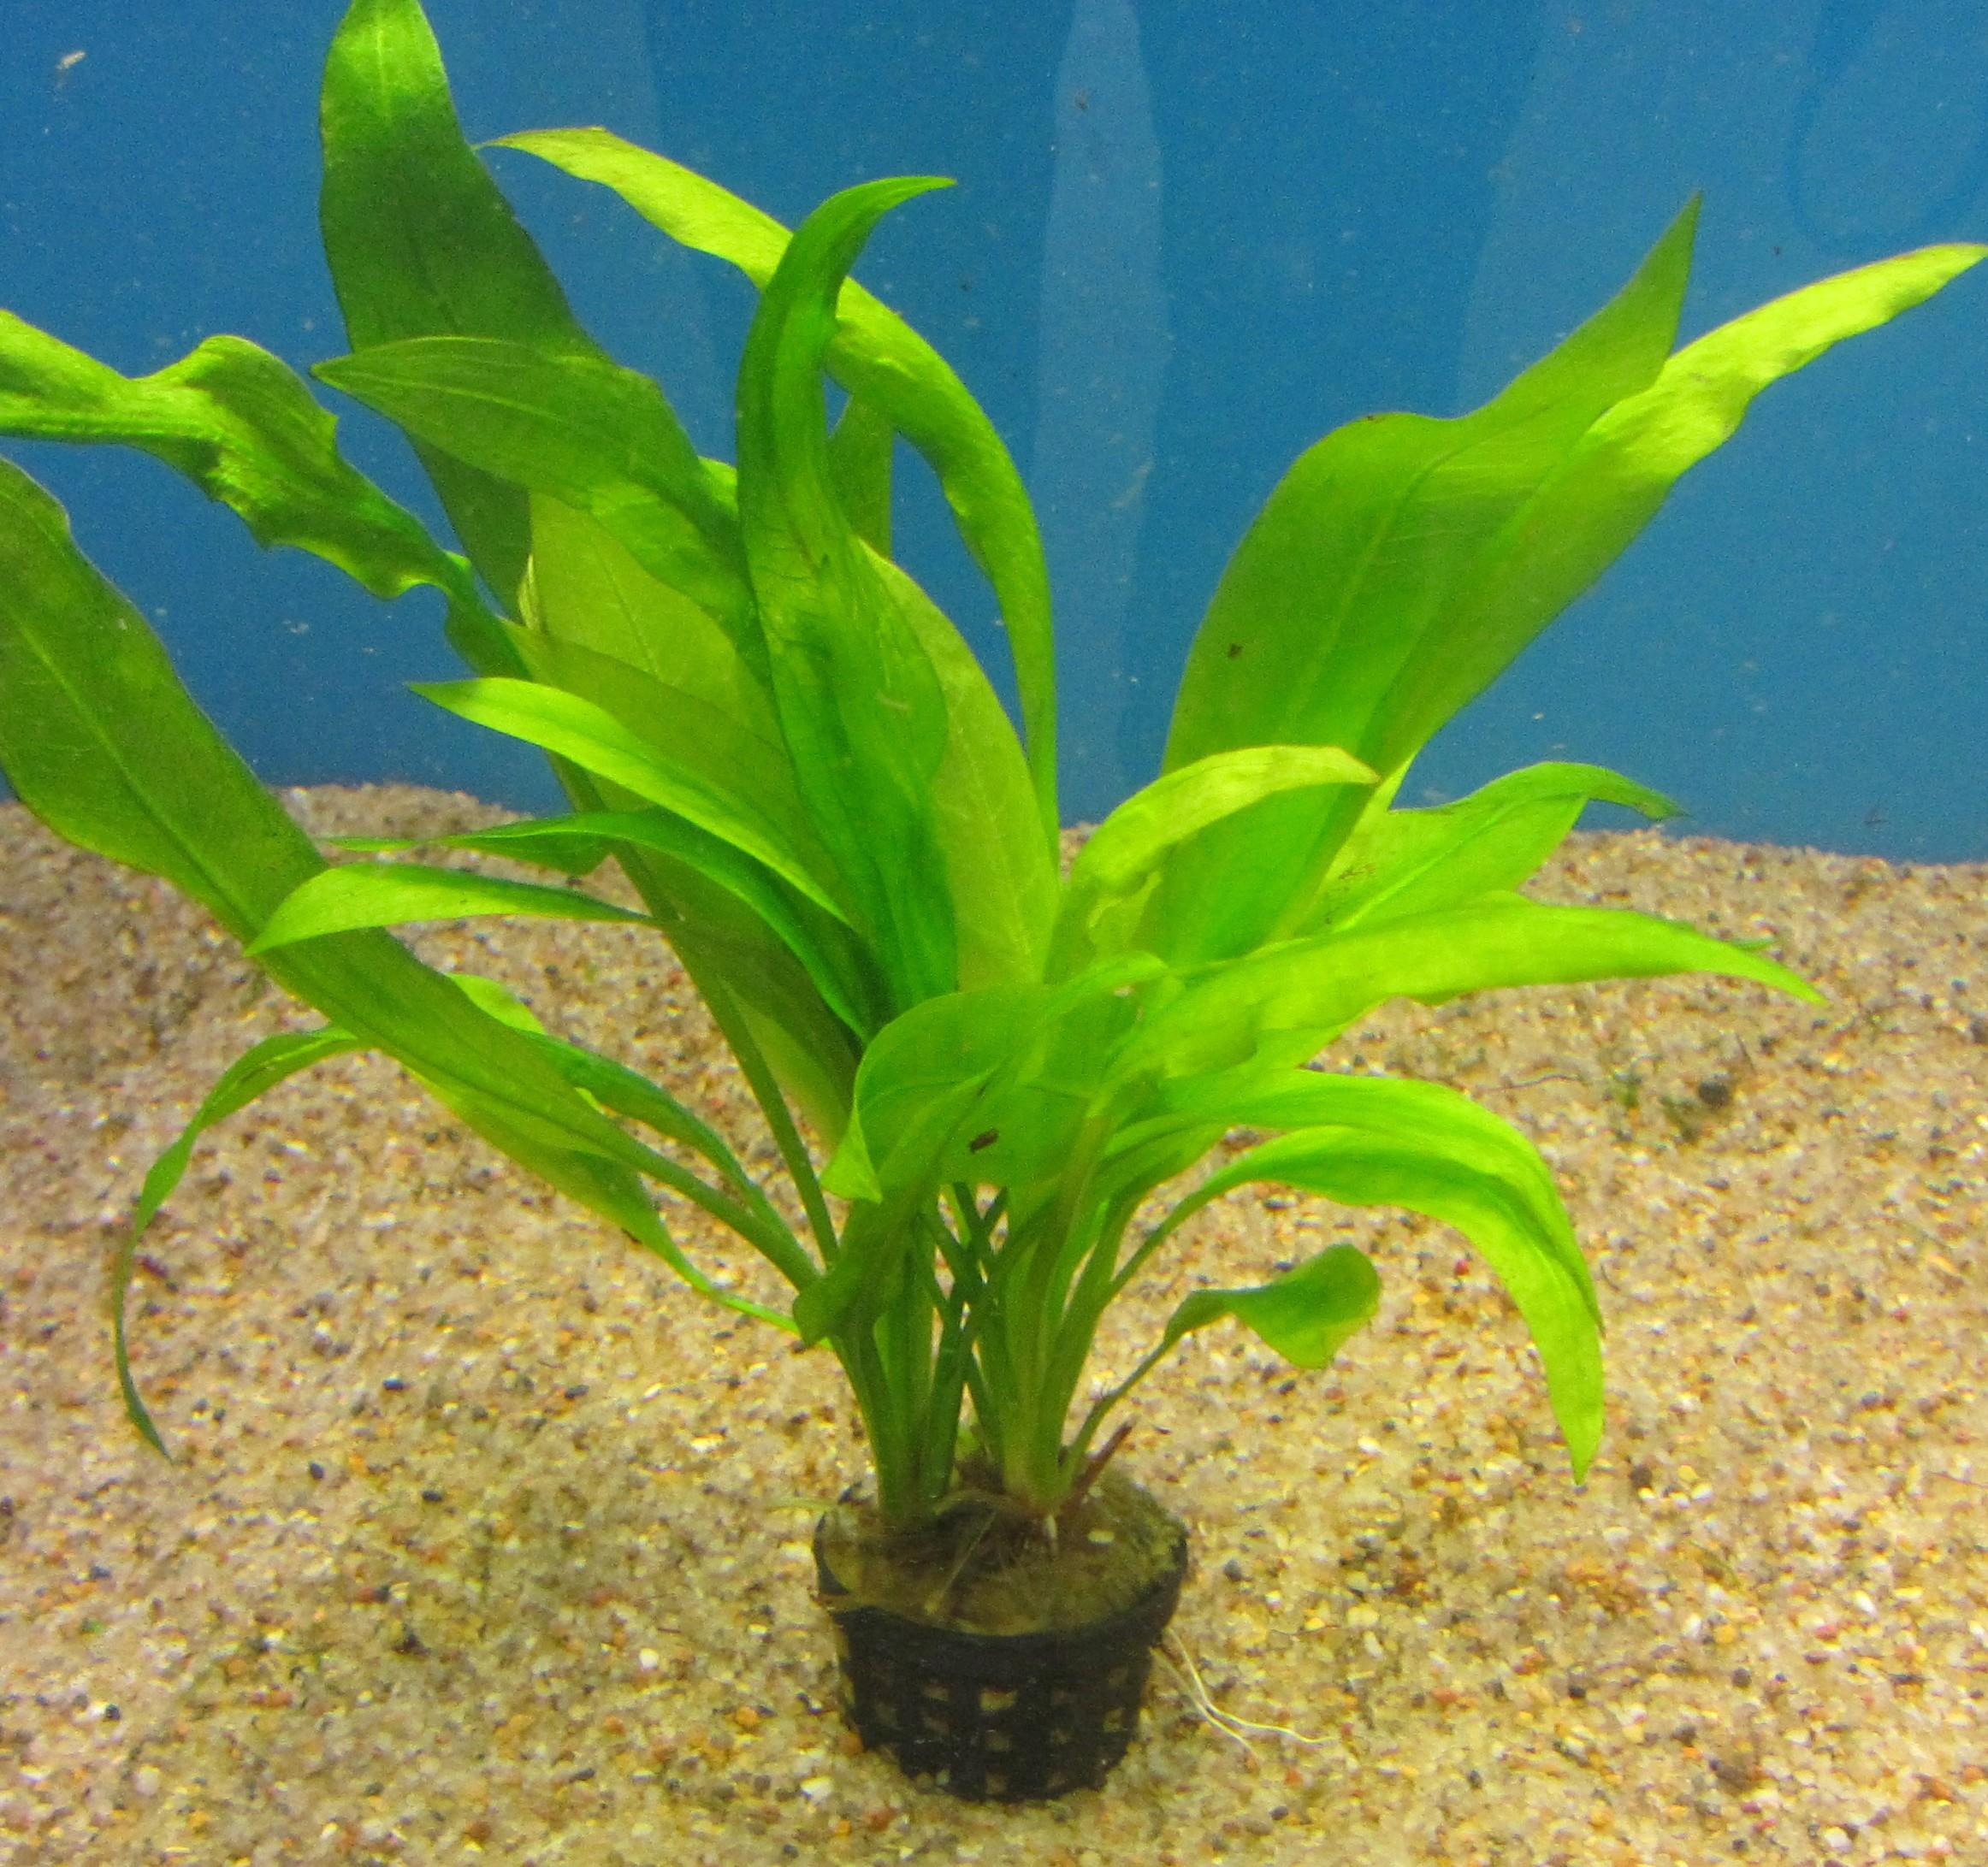 Plantepakke 11 Luxus består af 5 nemme planter. høj, medium, lav